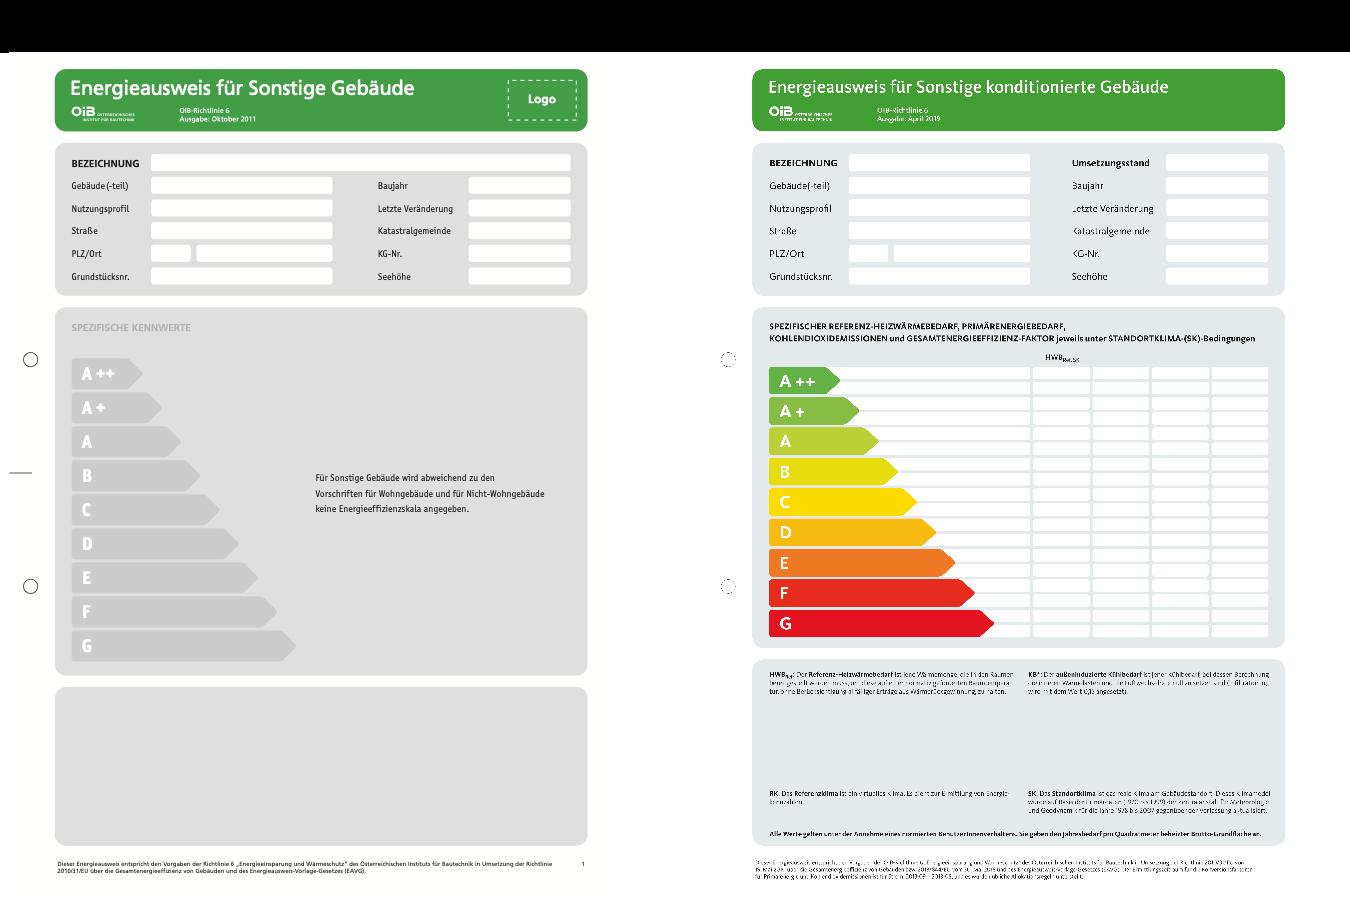 Energieausweis für Sonstige Gebäude Deckblatt Gegenüberstellung 2011 2019